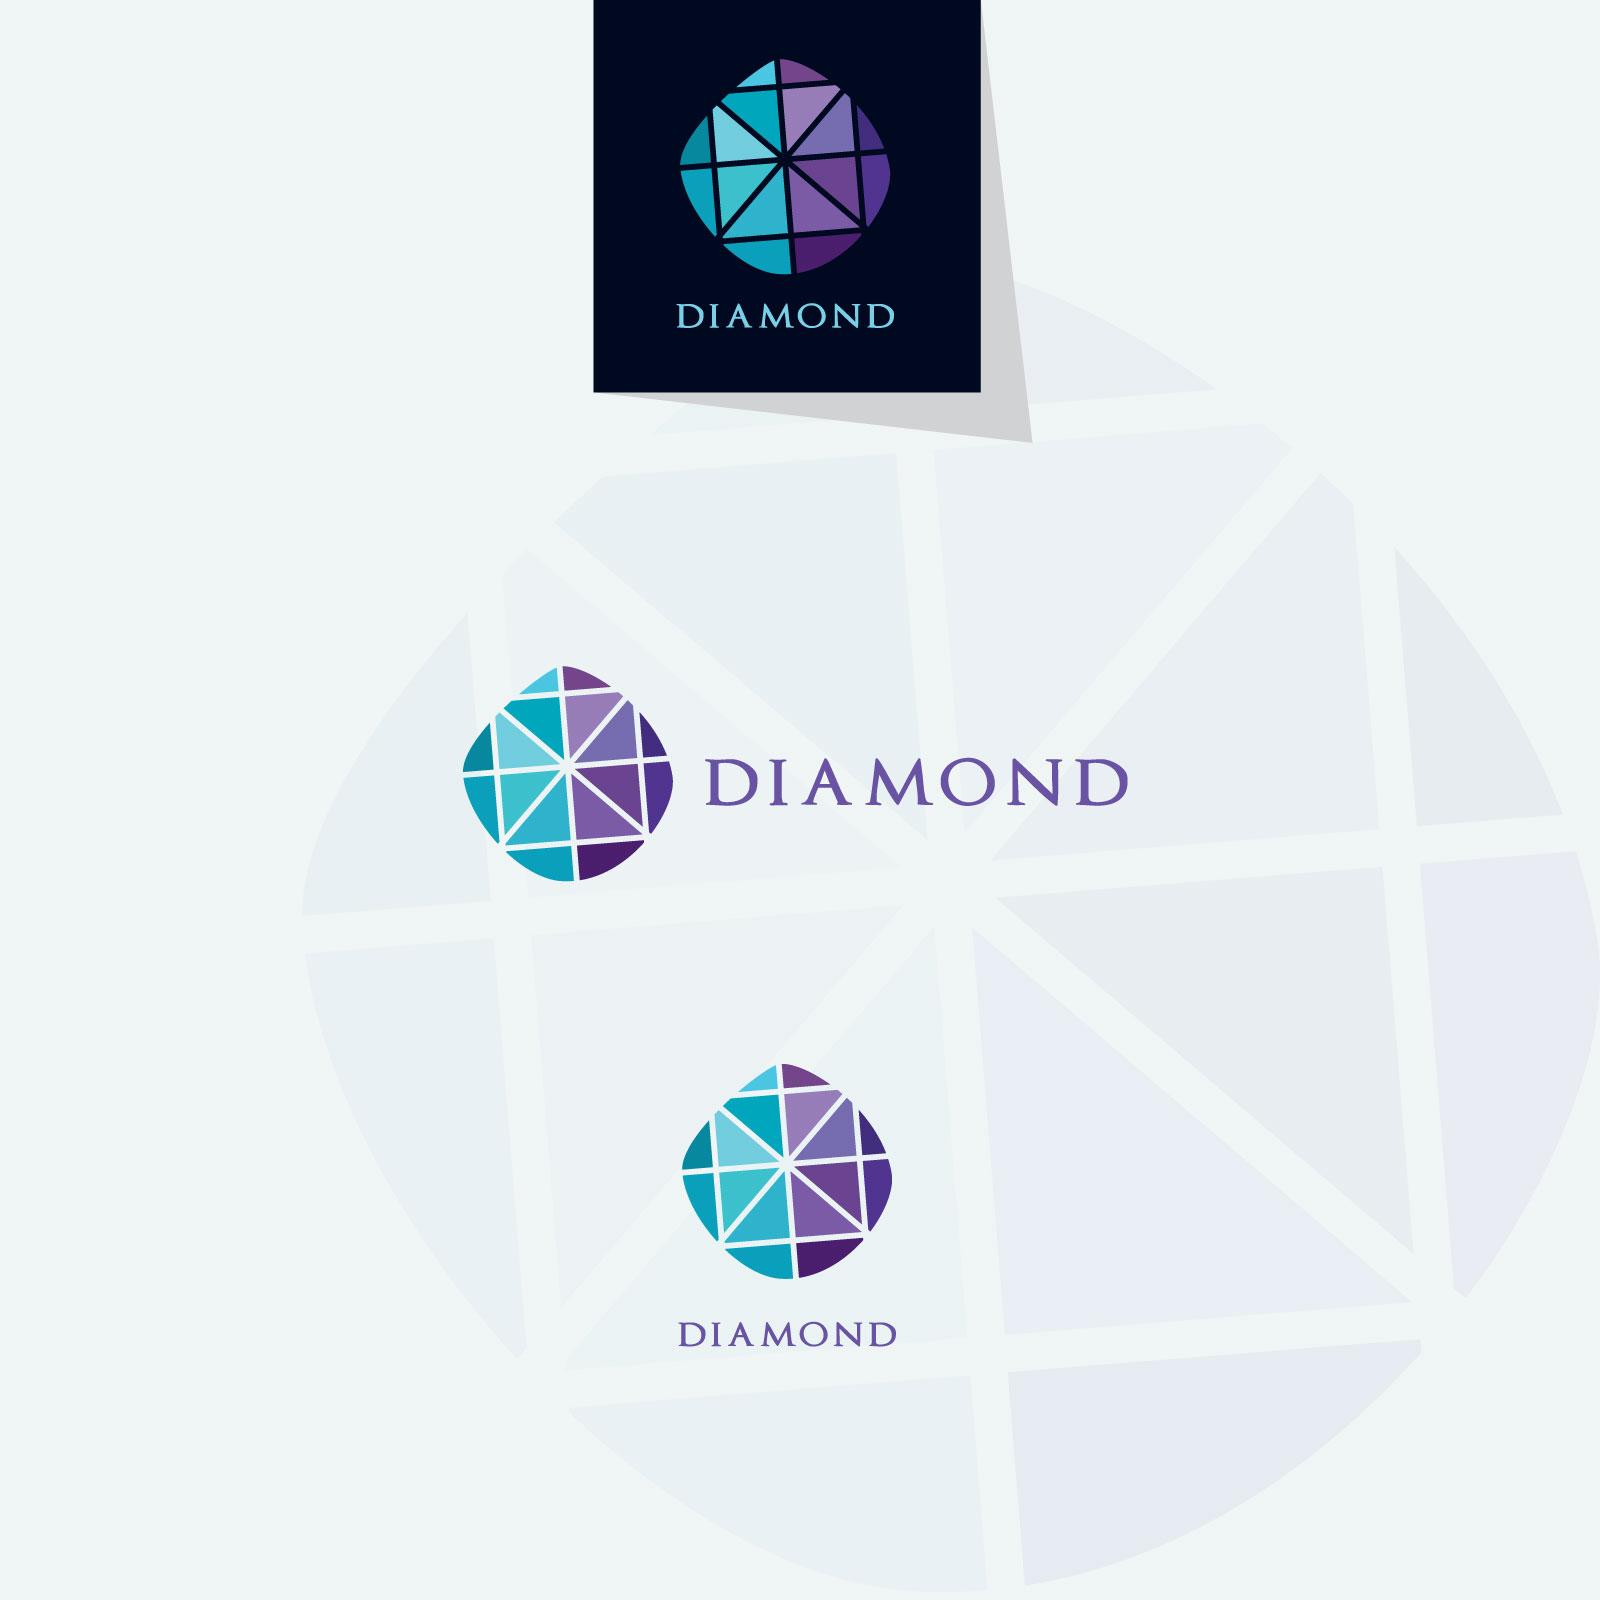 Diamond vector logos collection example image 6